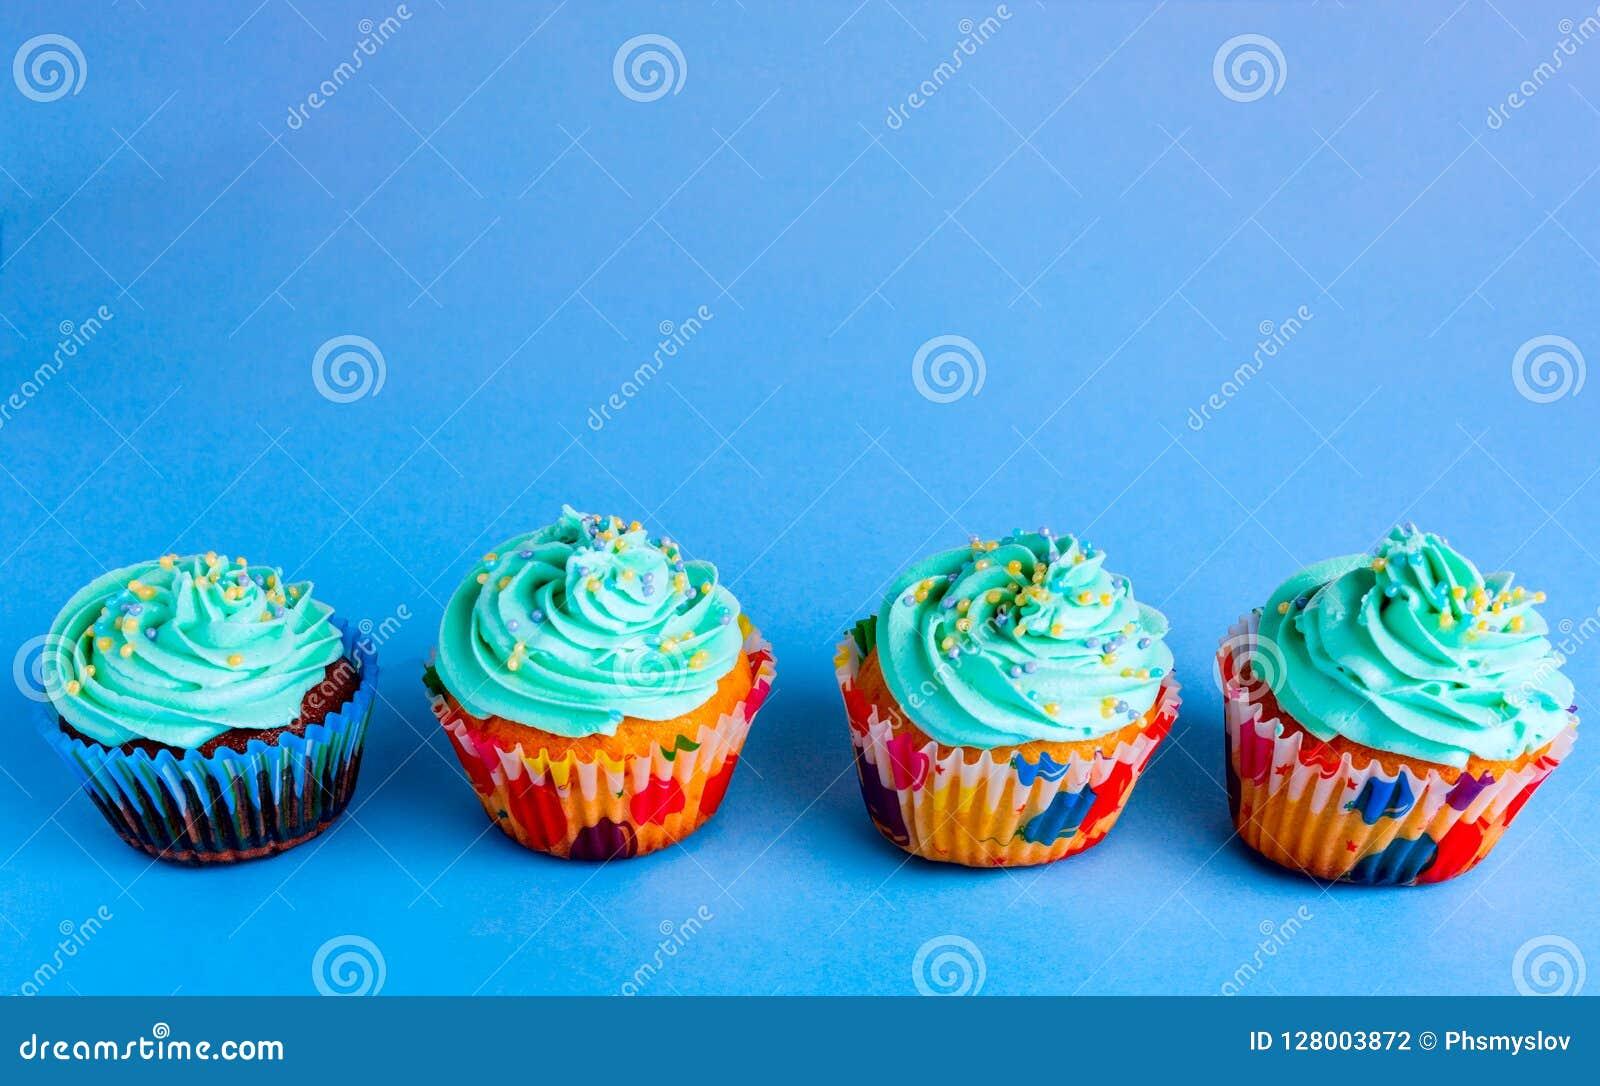 Capcake auf einem blauen Hintergrund, Kopienraum